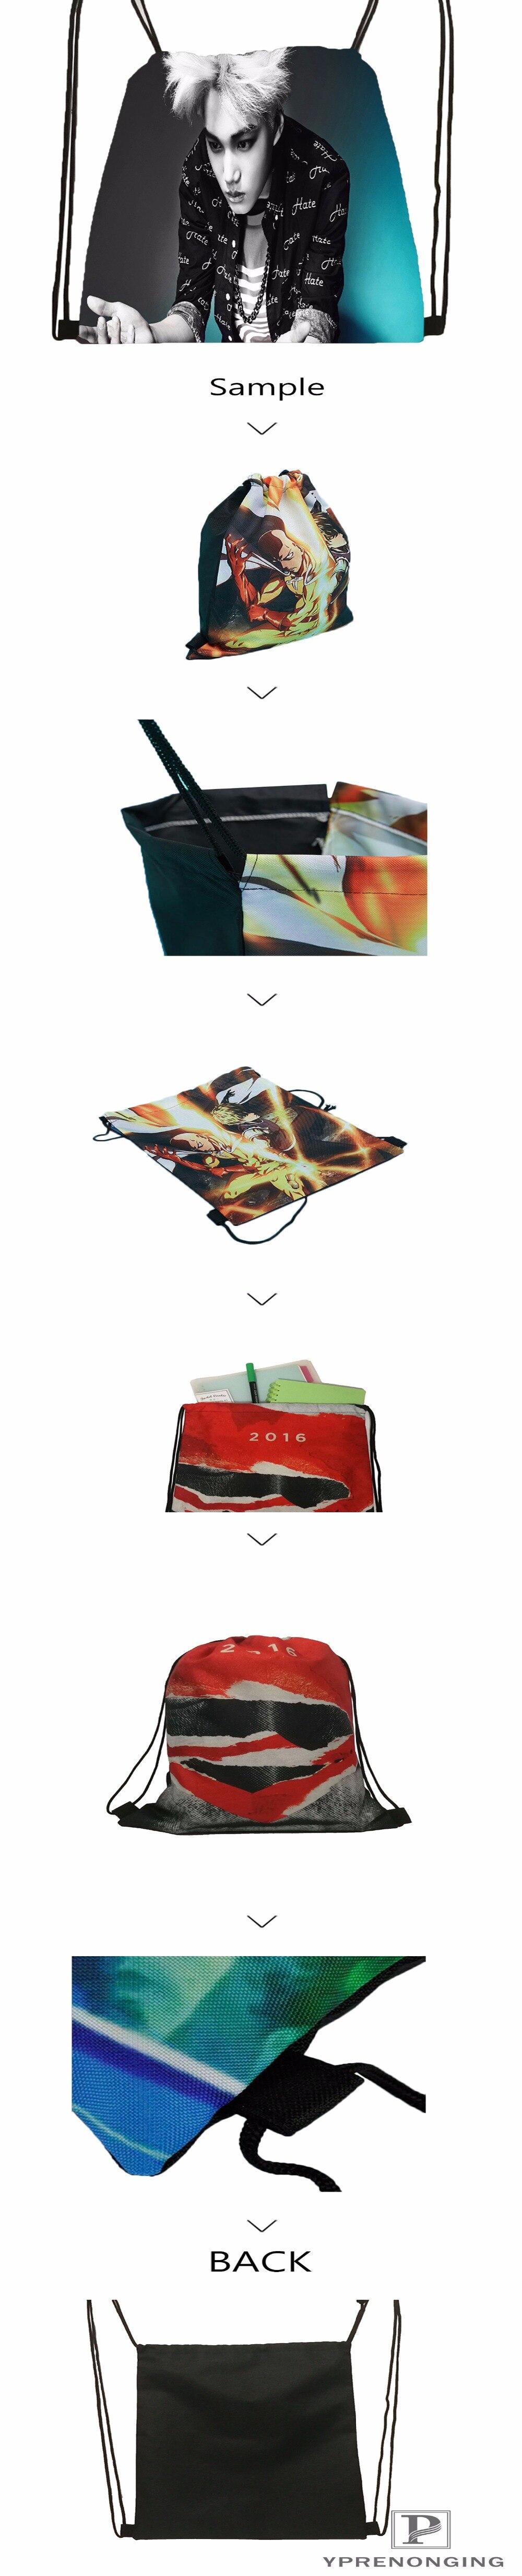 Пользовательские Брюс-Спрингстин-@ 03-Drawstring сумка-рюкзак милый рюкзак дети сумка(черный назад) 31x40 см#180611-03-118